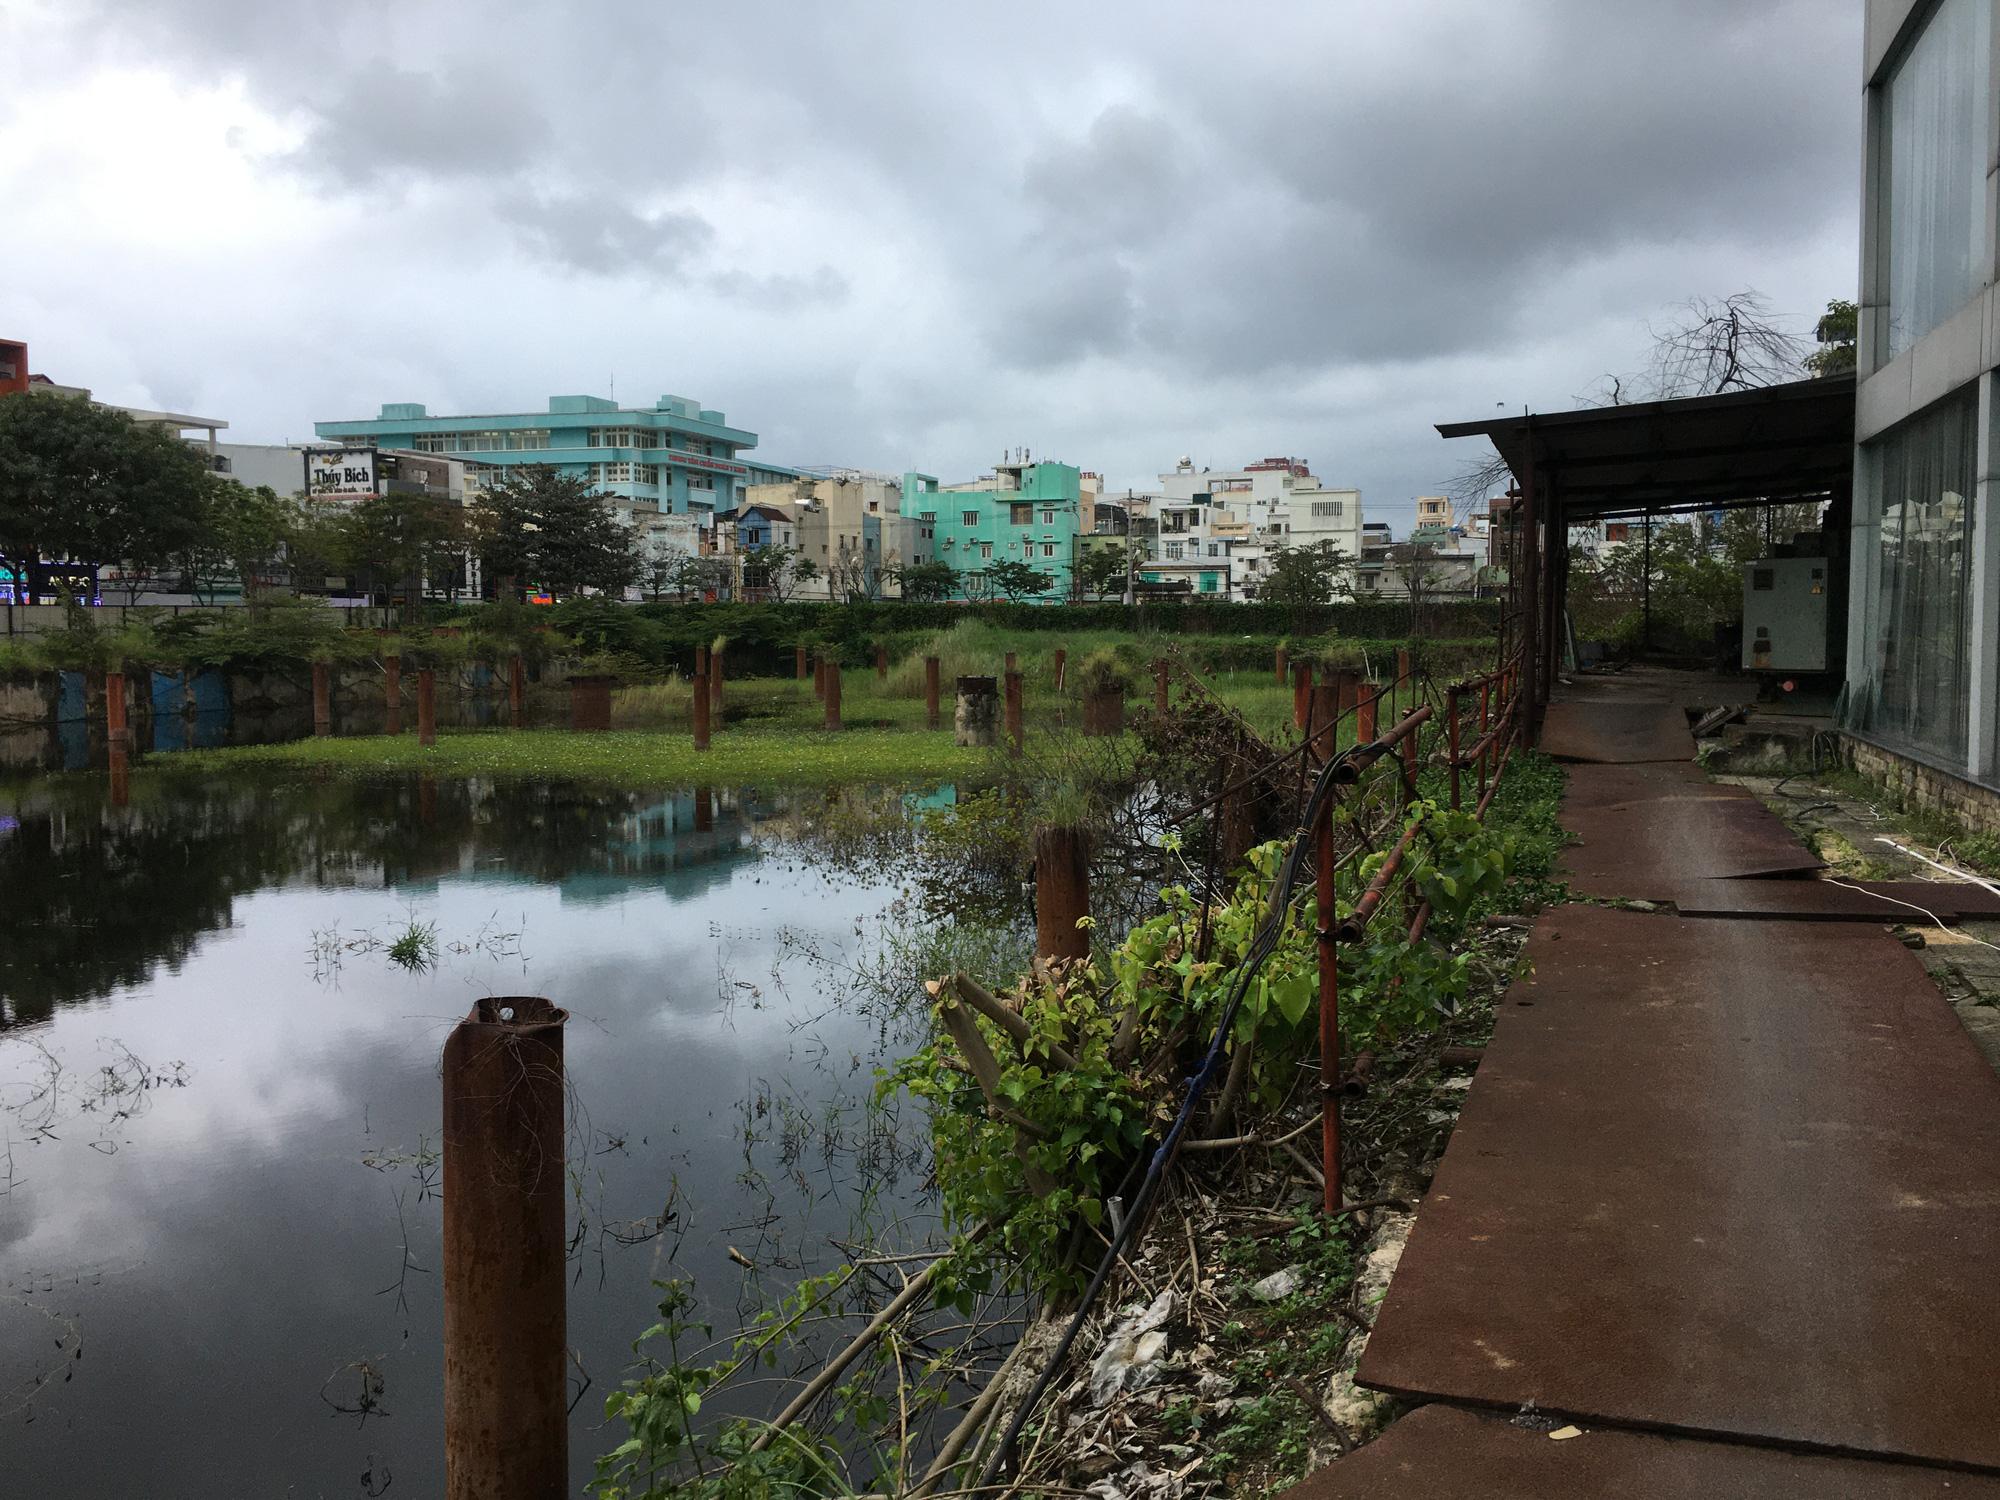 Hai khu đất làm vườn dạo, bãi đỗ xe ngầm trung tâm Đà Nẵng bao giờ 'khởi động'? - Ảnh 4.